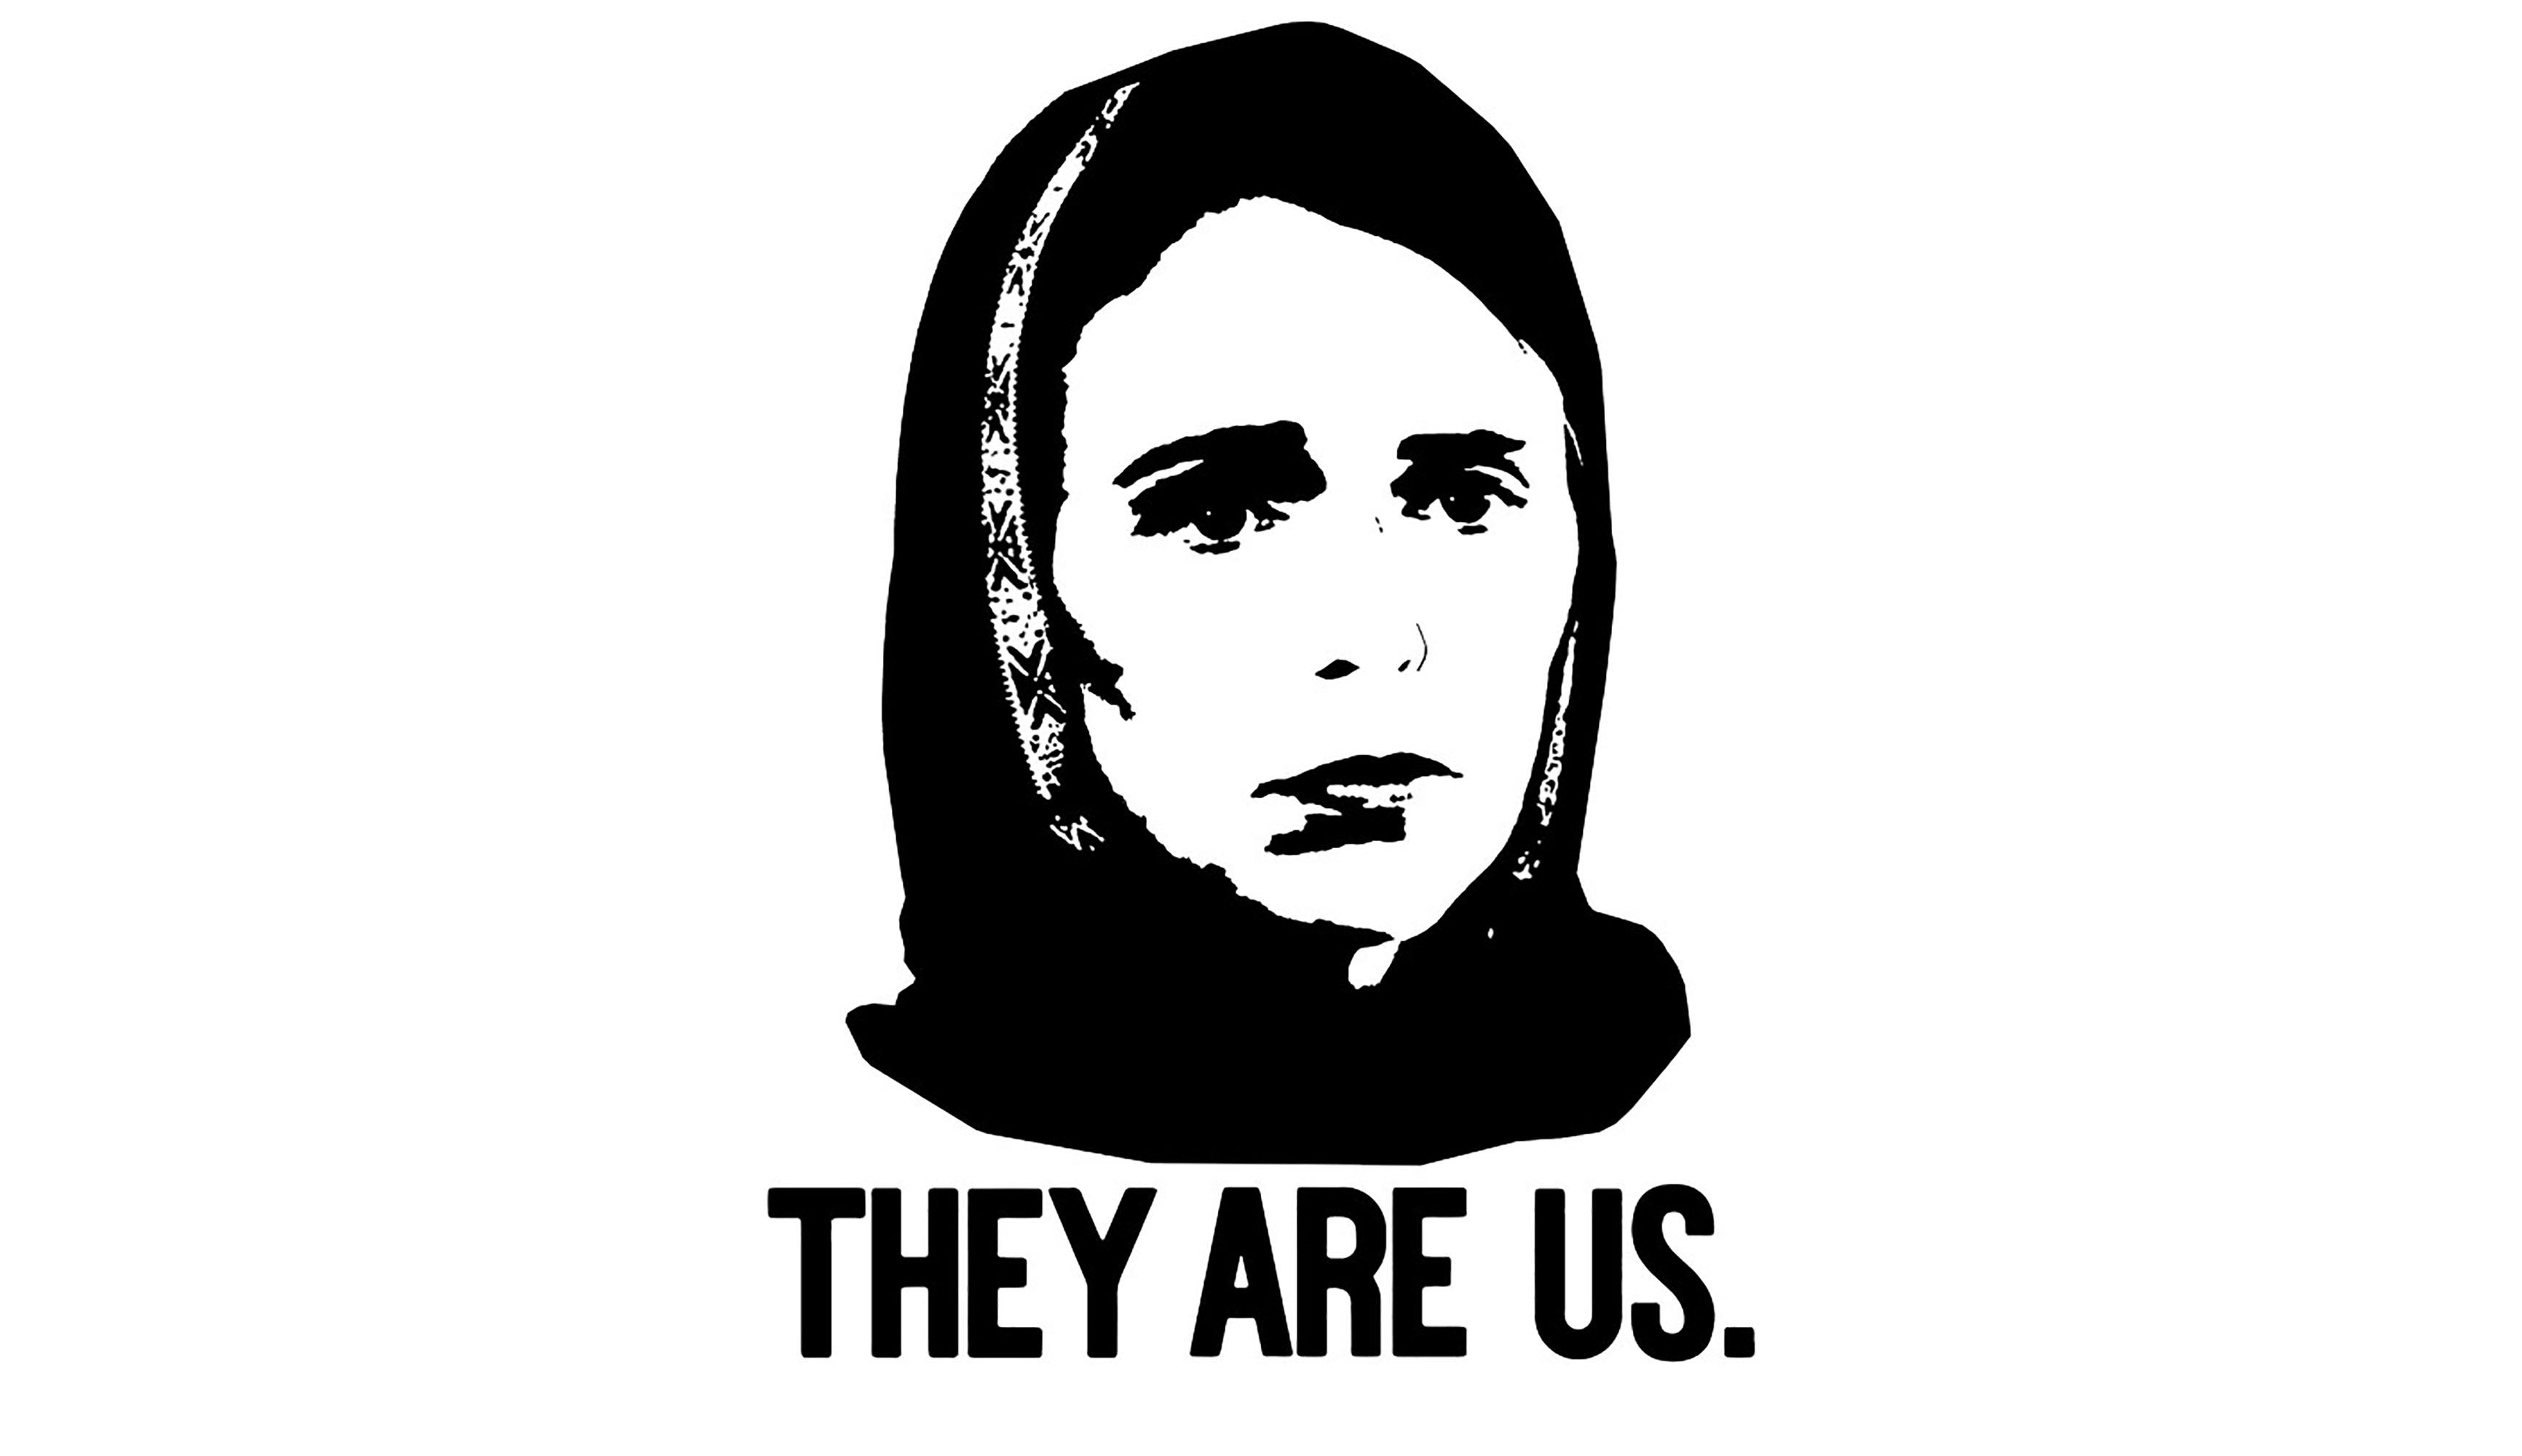 Премьер-министр Новой Зеландии Джасинда Ардерн в знак солидарности надела платок